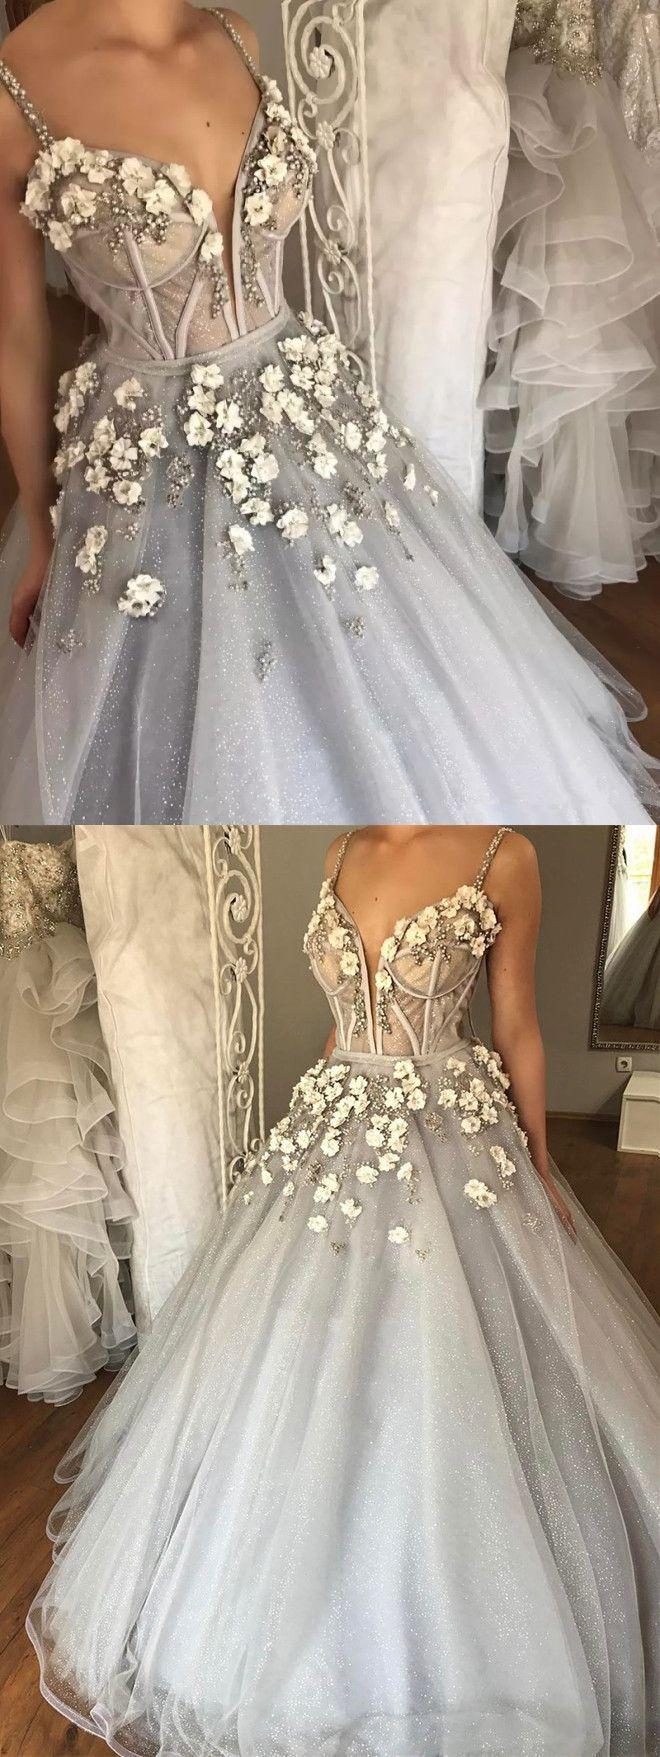 best images about applique dresses on pinterest evening dresses